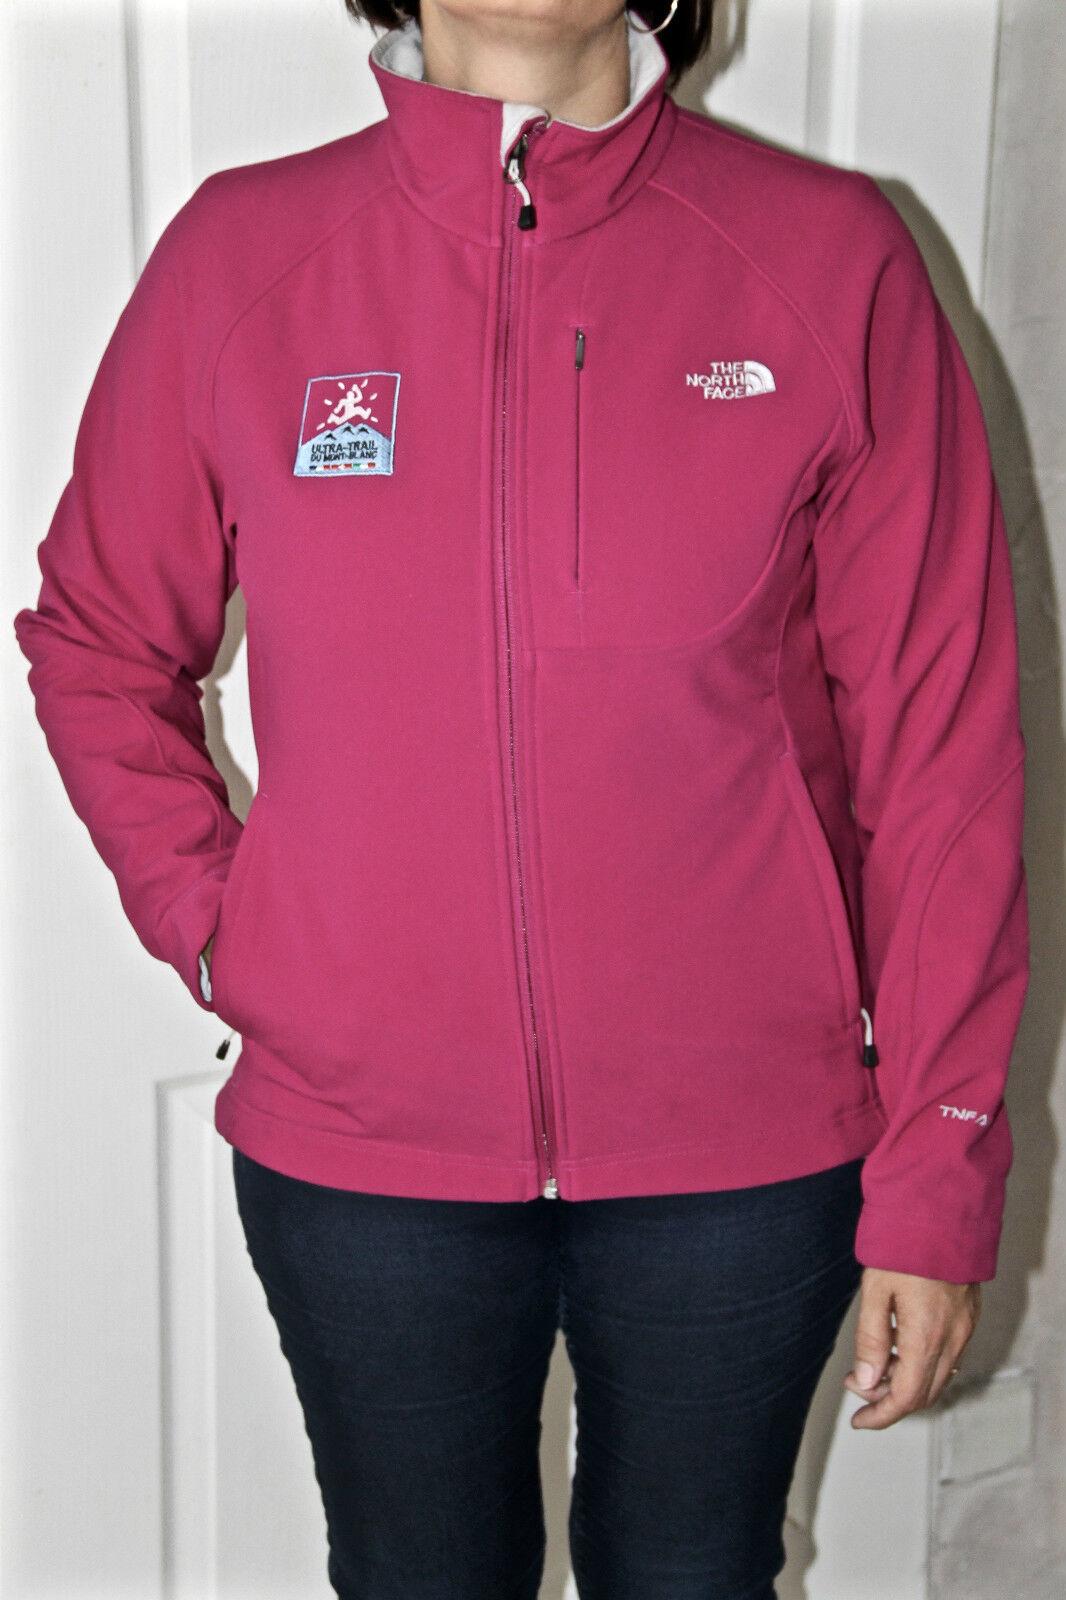 Veste zippée pink ultra trail du Mont white THE NORTH FACE tnf apex T L G